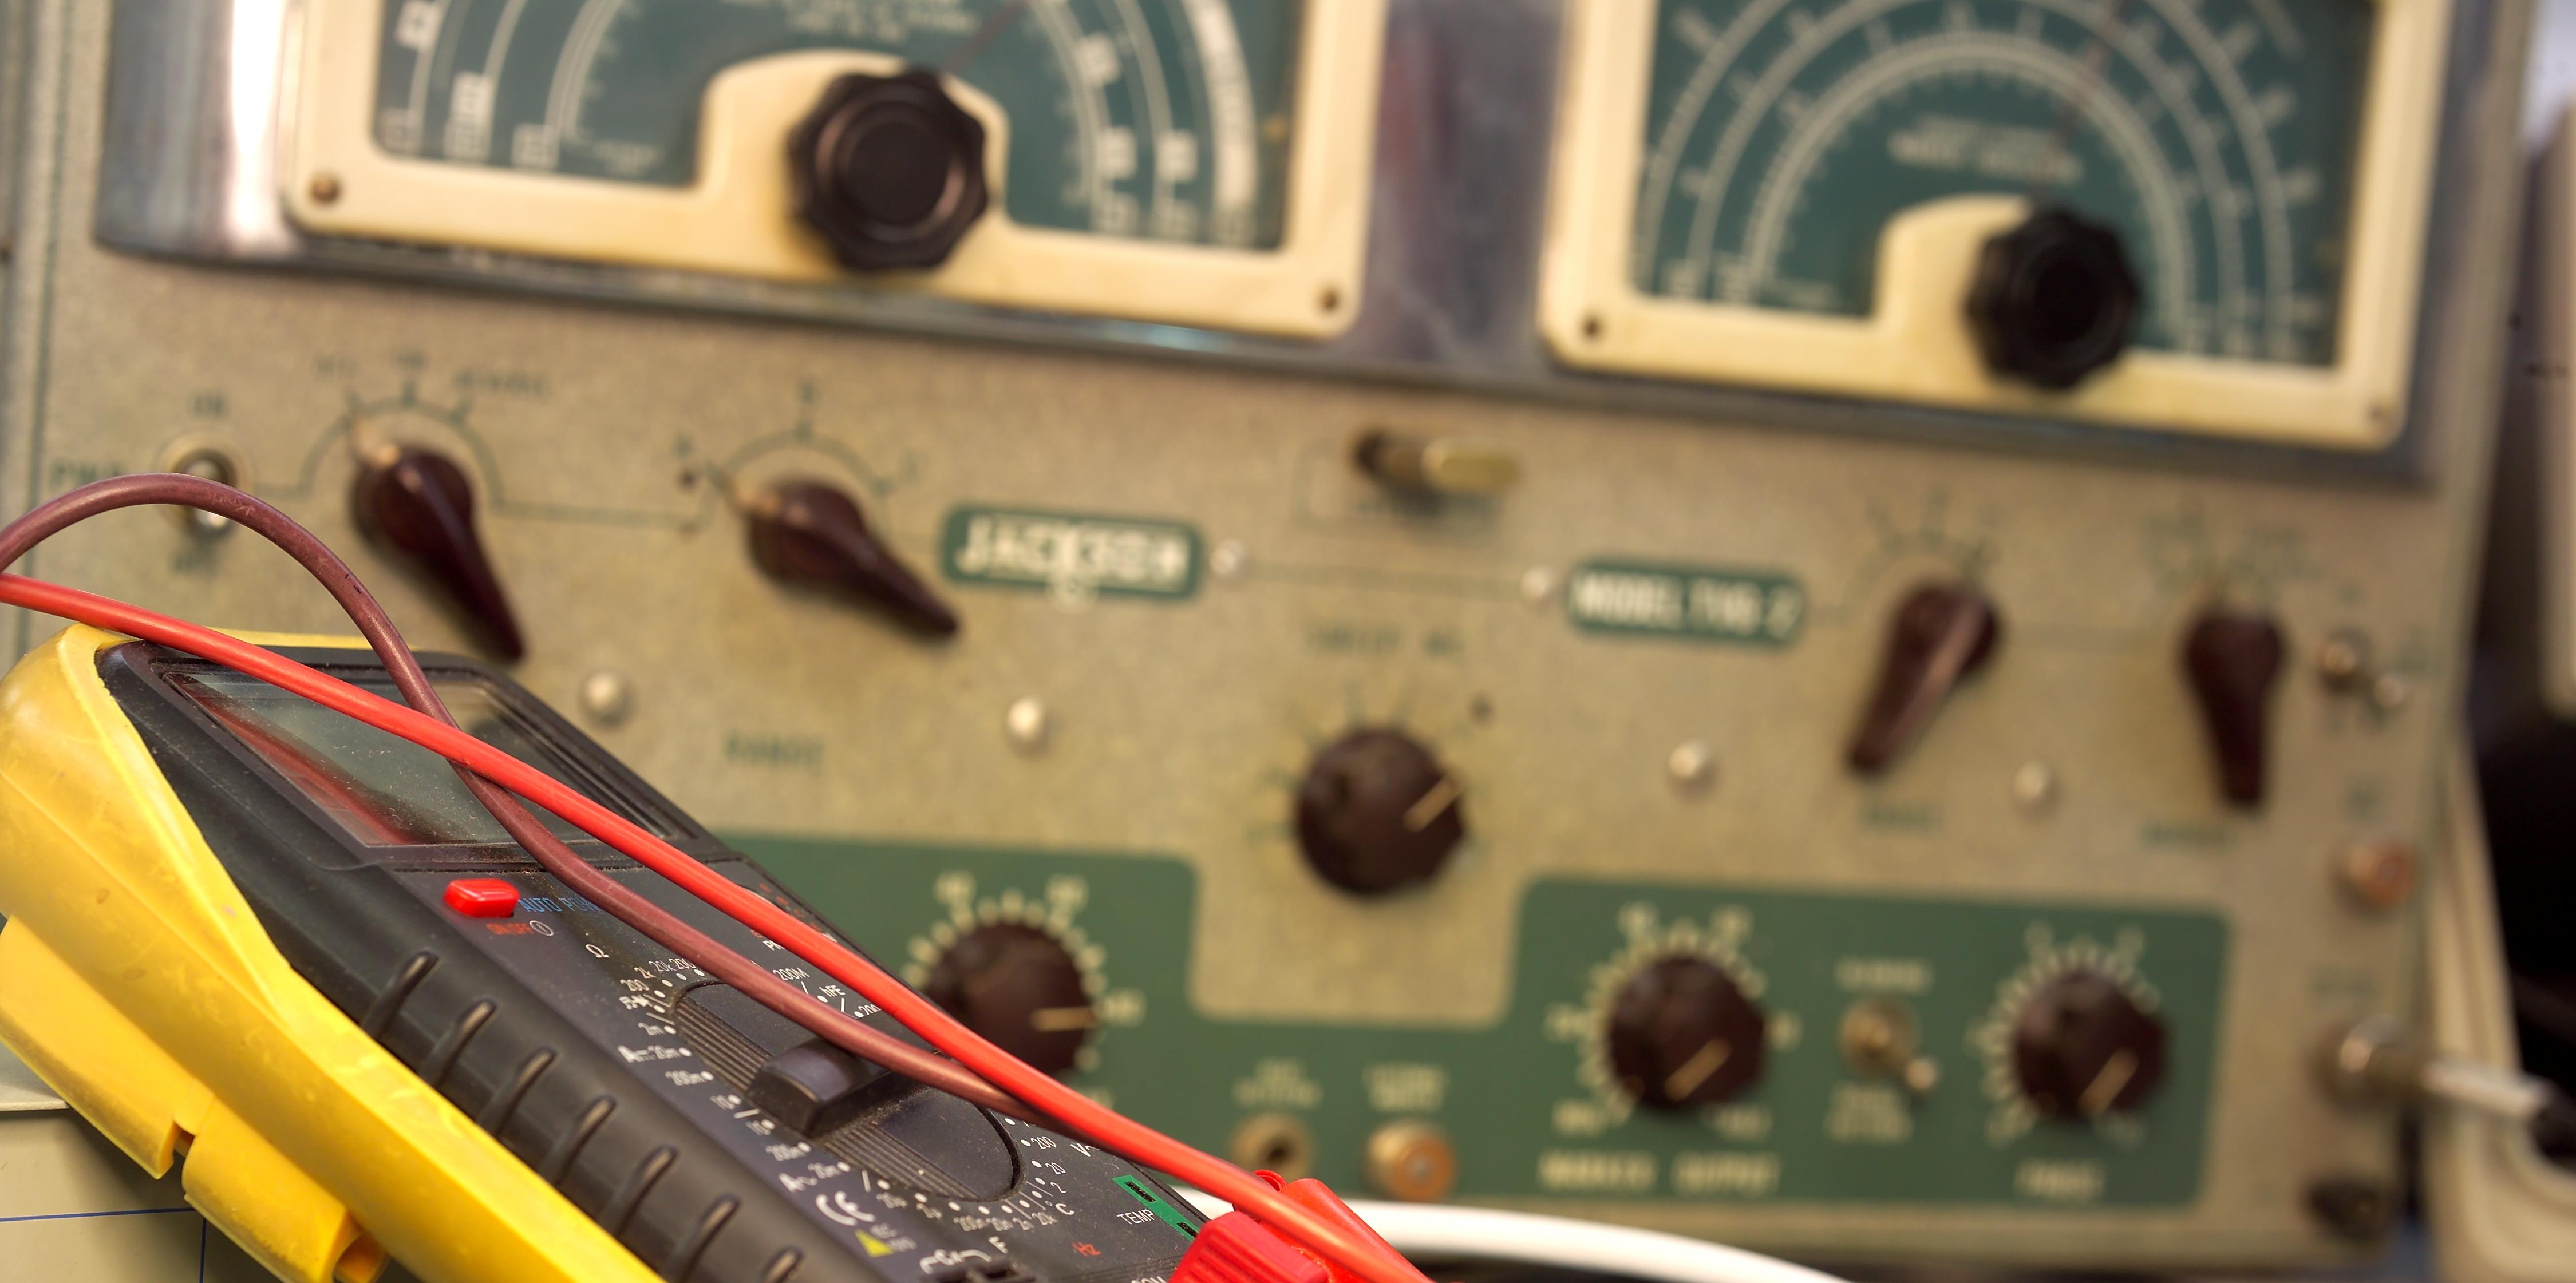 magnum-dynalab-fm-tuners.jpg